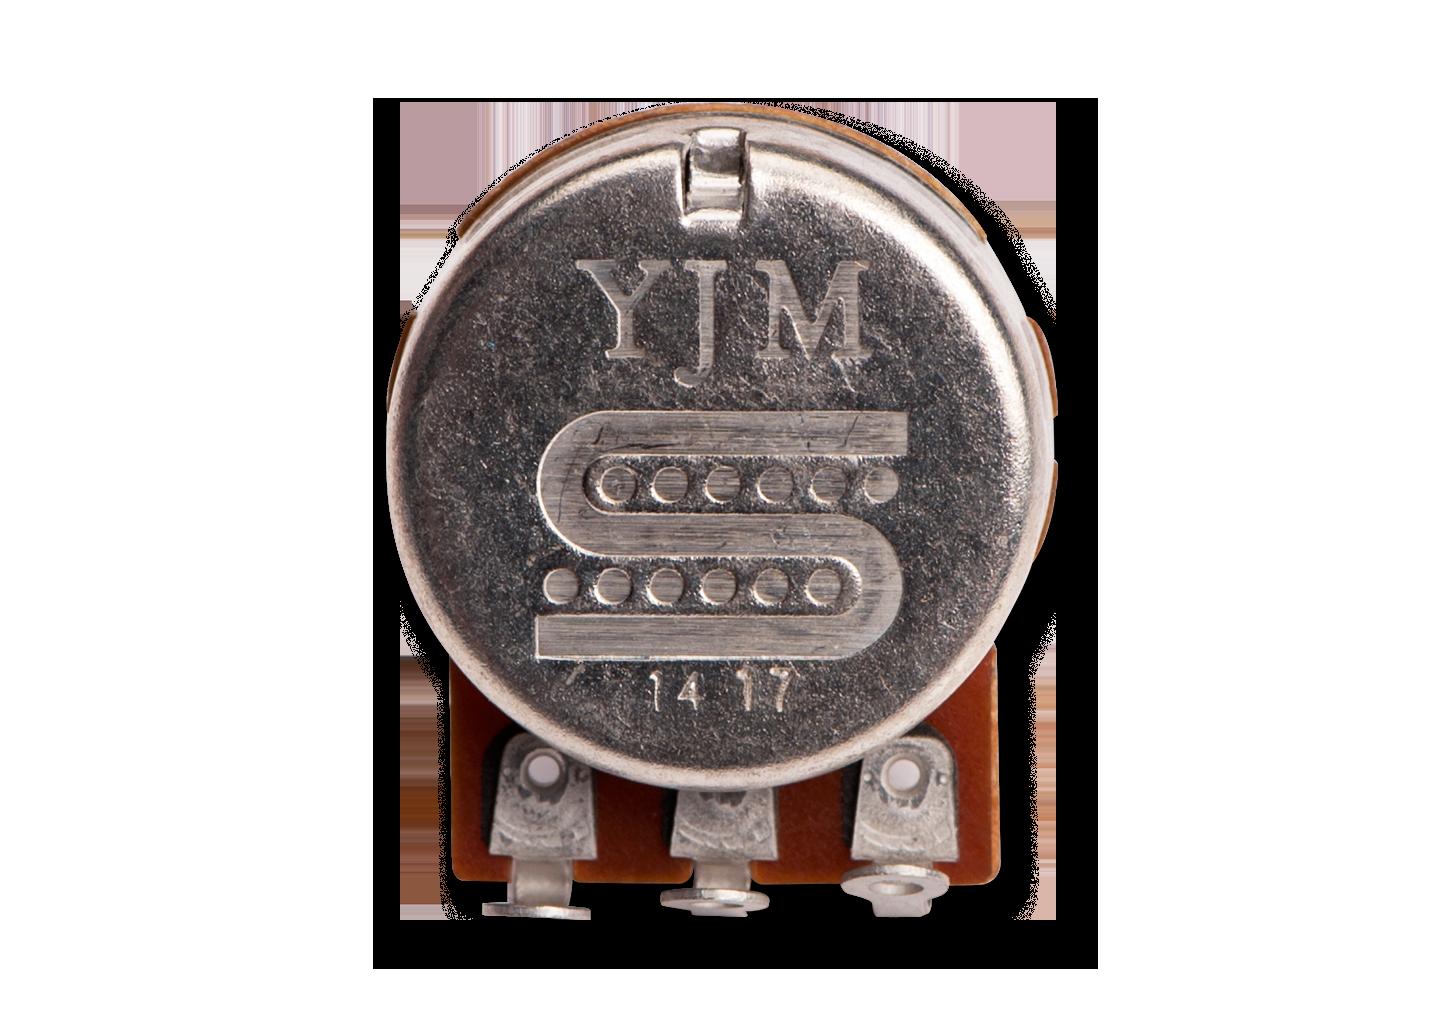 Seymour Duncan YJM Yngwie Malmsteen Speed Pots